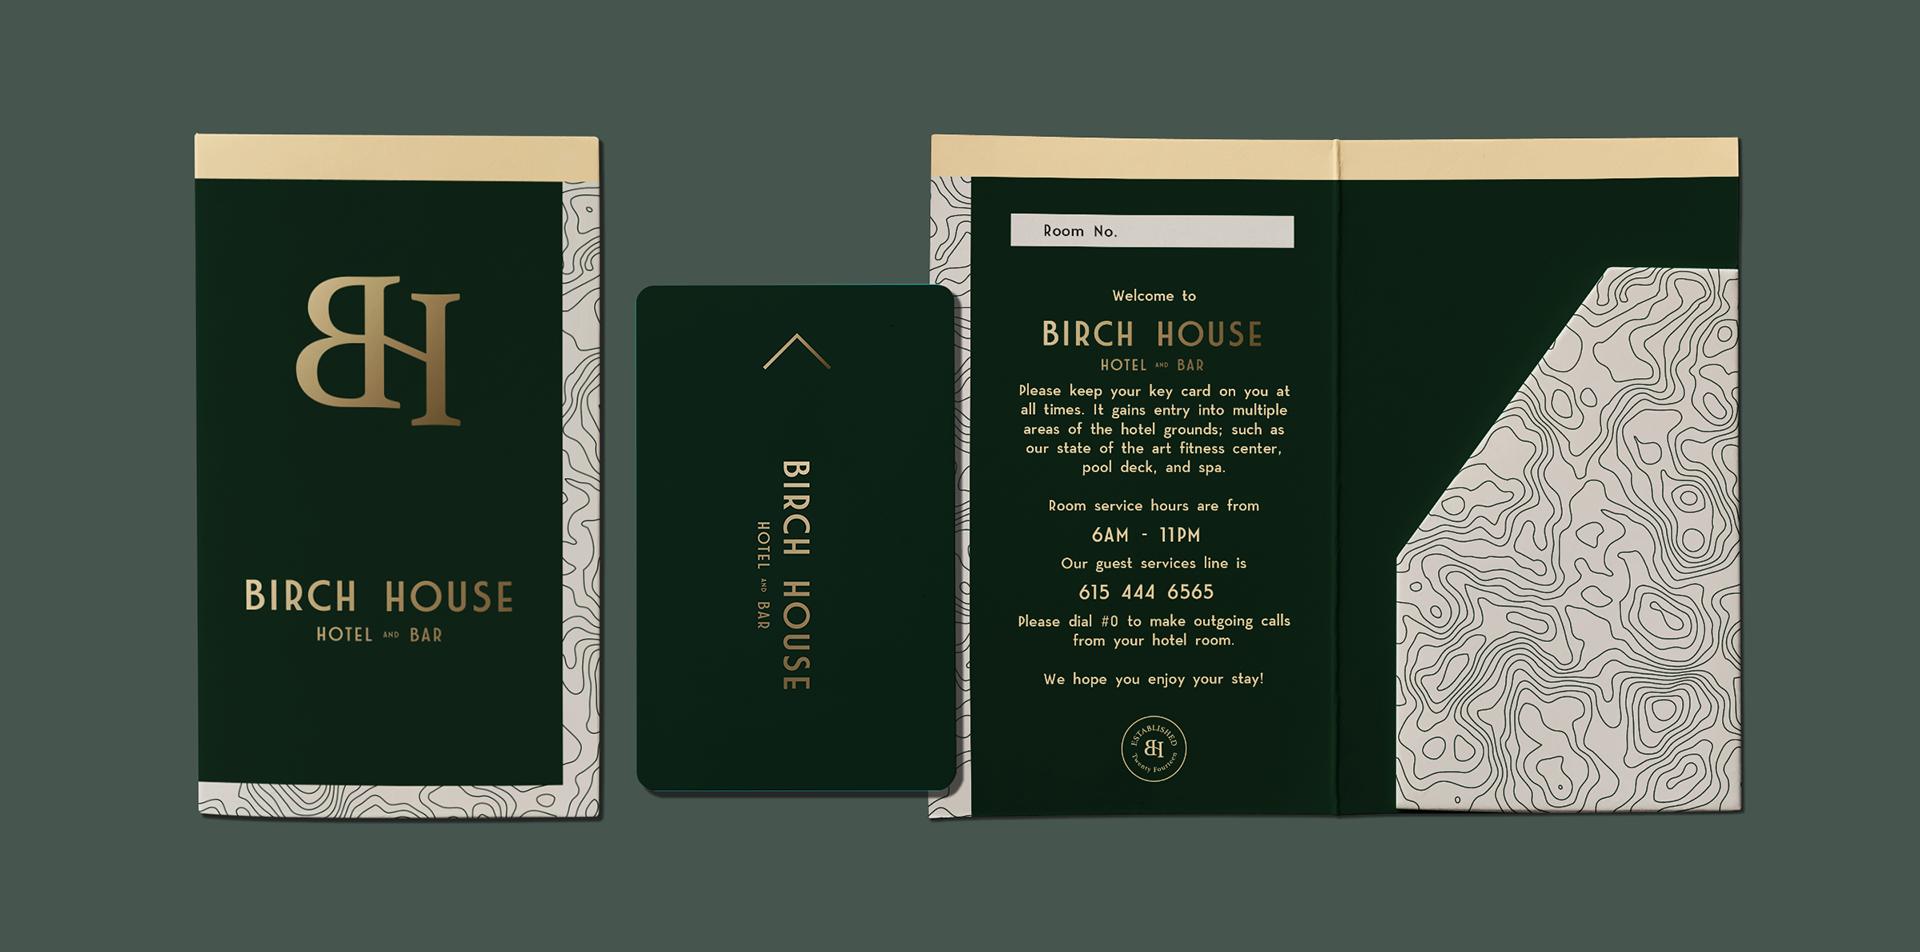 Image Result For Hotel Room Key Card Design Hotel Branding